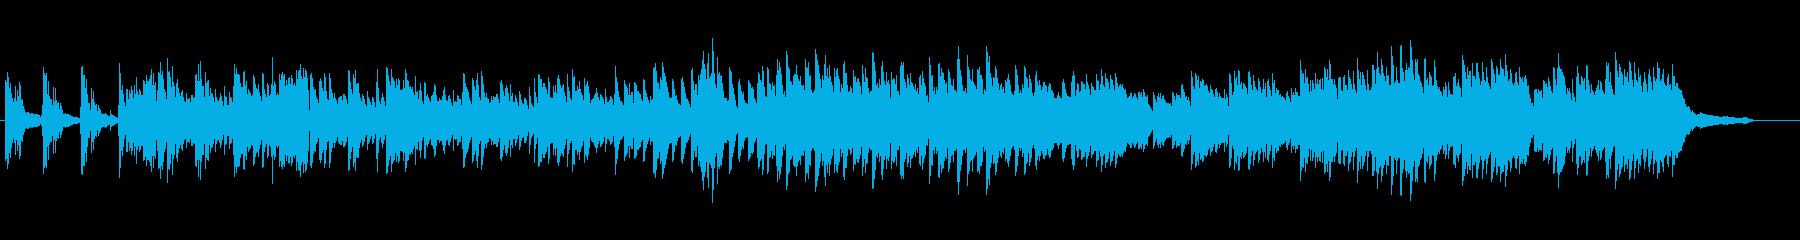 優雅で可憐でクラシカルなピアノ曲の再生済みの波形